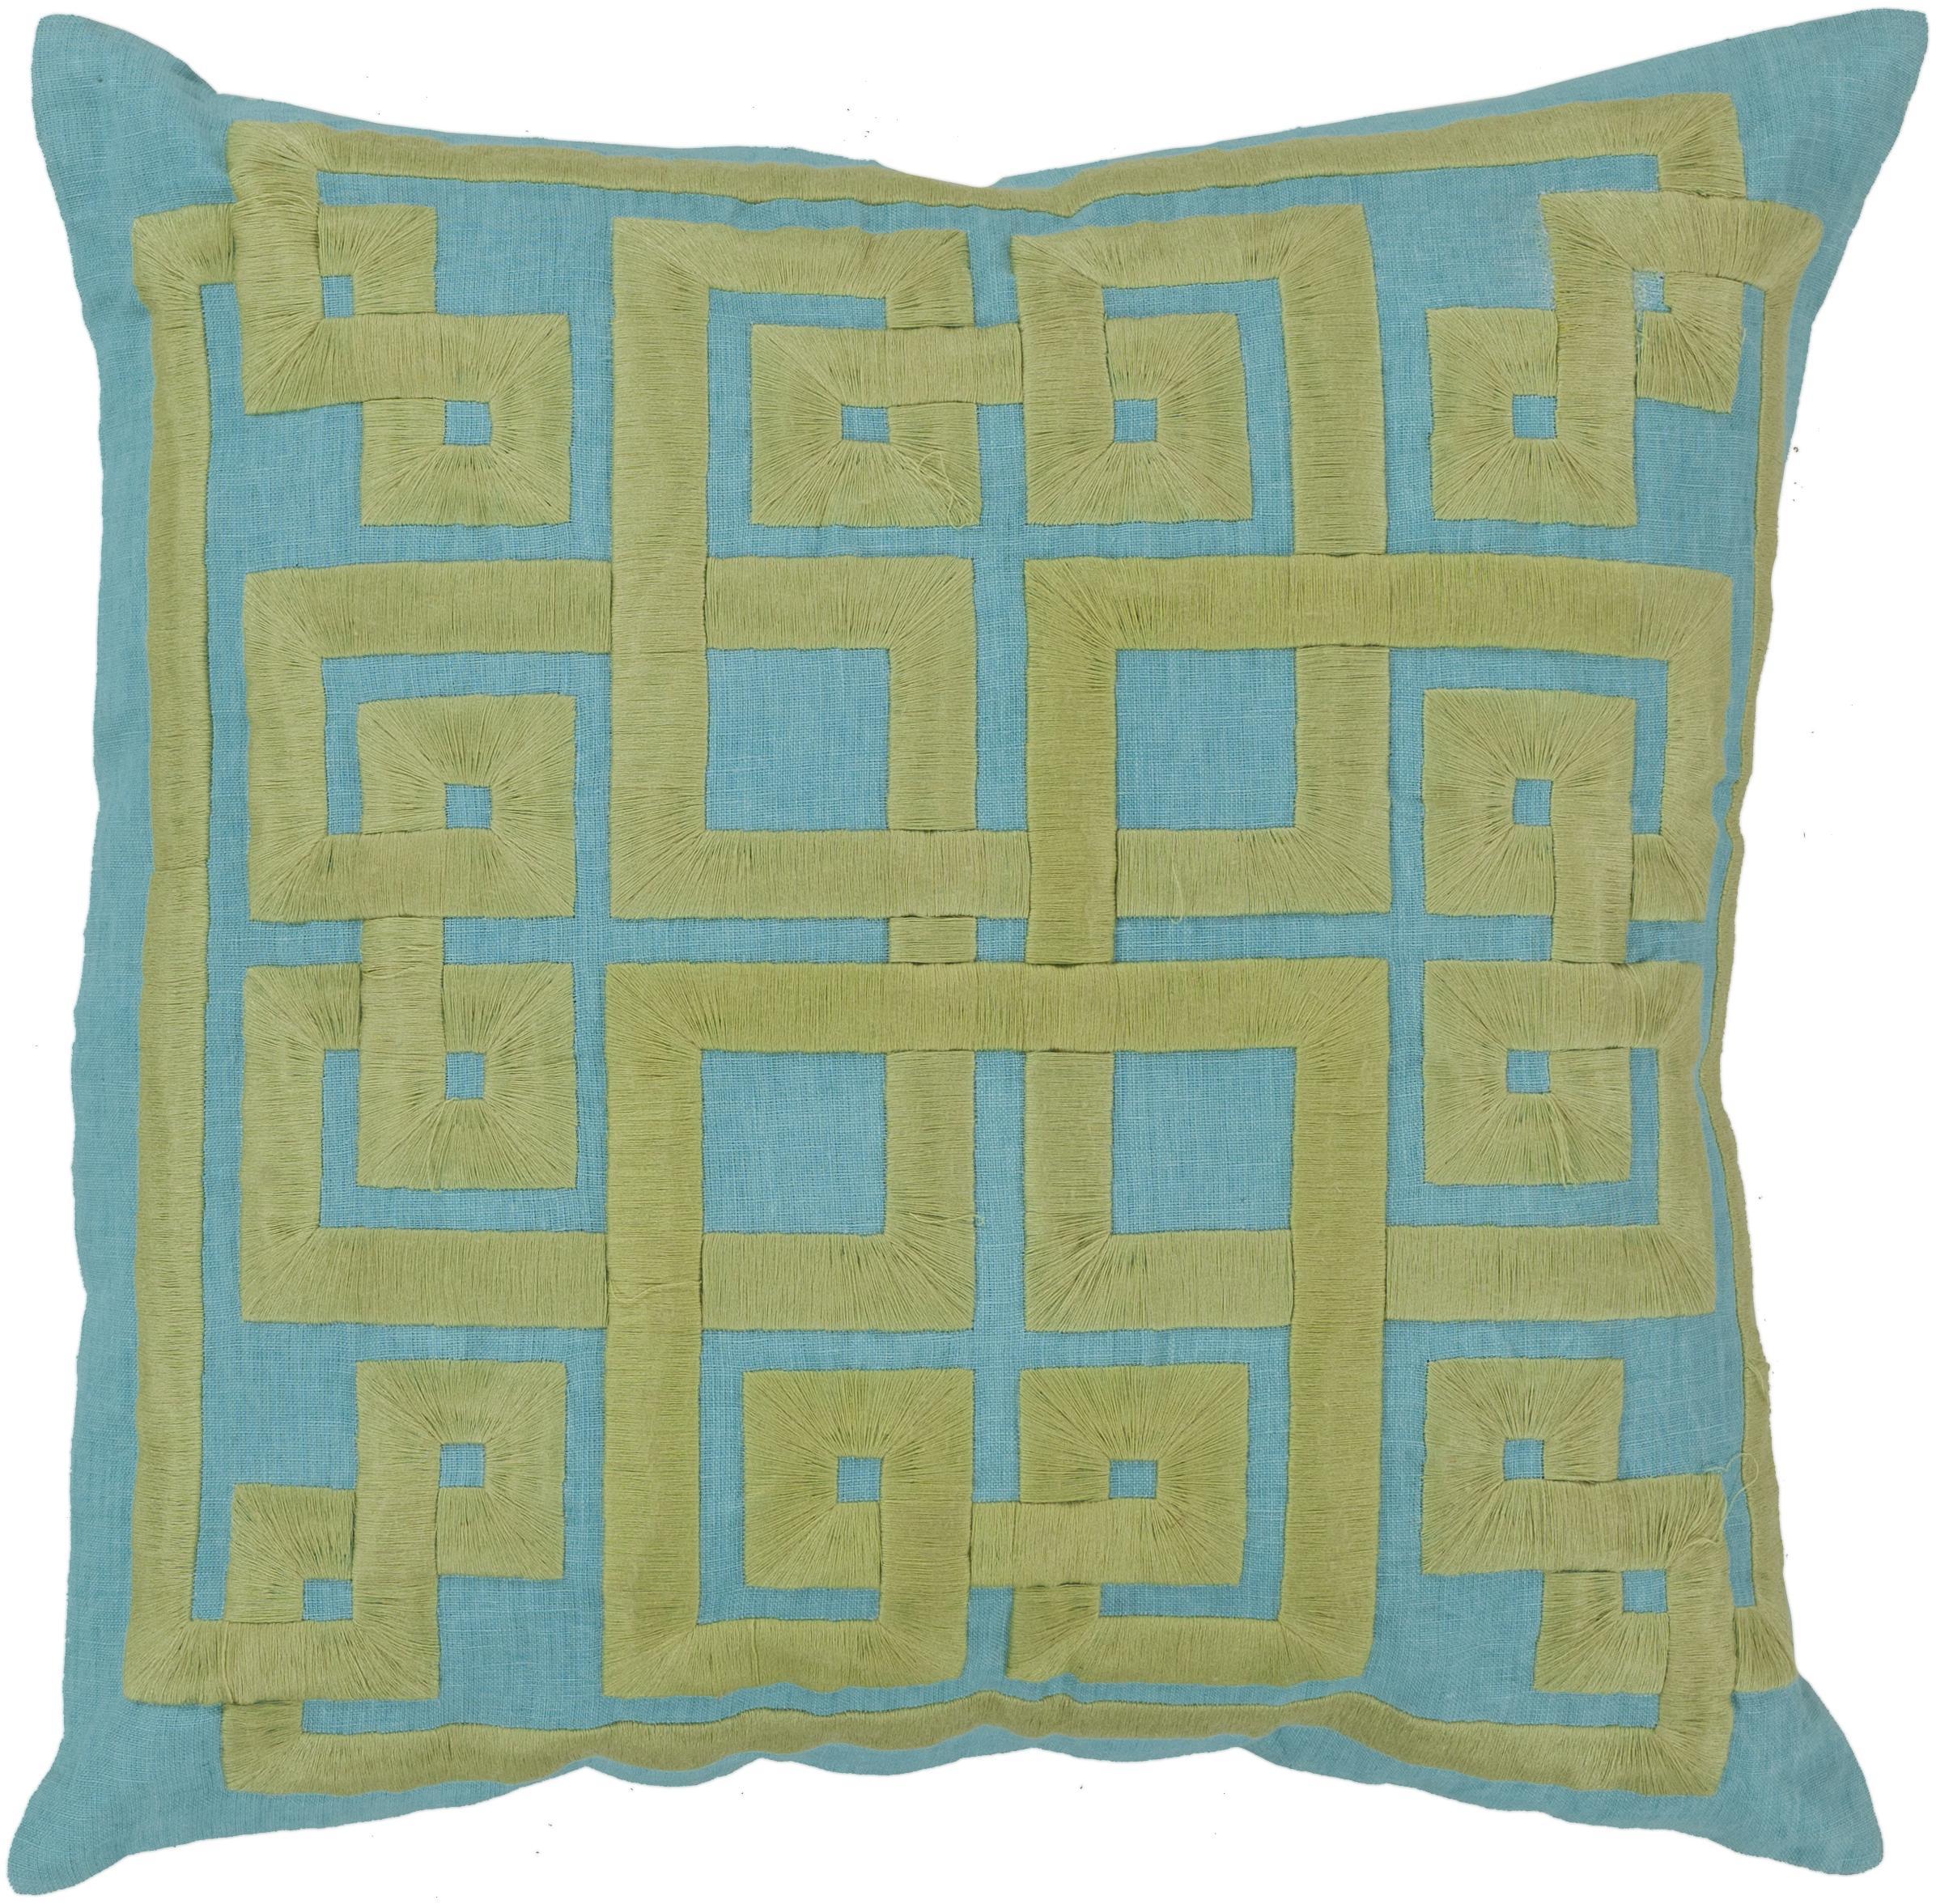 """Surya Pillows 18"""" x 18"""" Pillow - Item Number: LD011-1818P"""